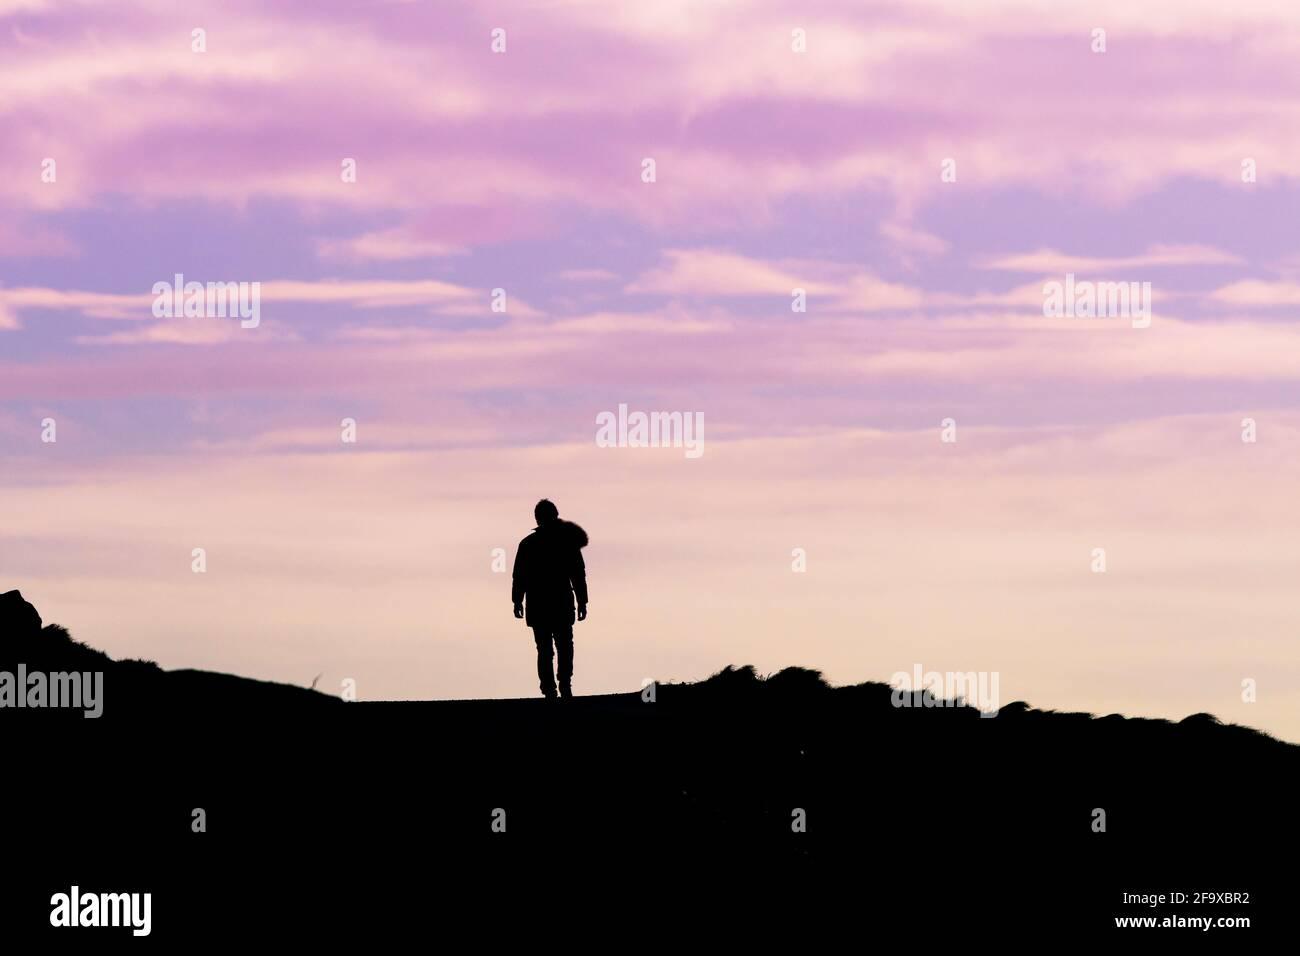 Un marcheur solitaire a taillé sur un ciel de couleur pastel. Banque D'Images